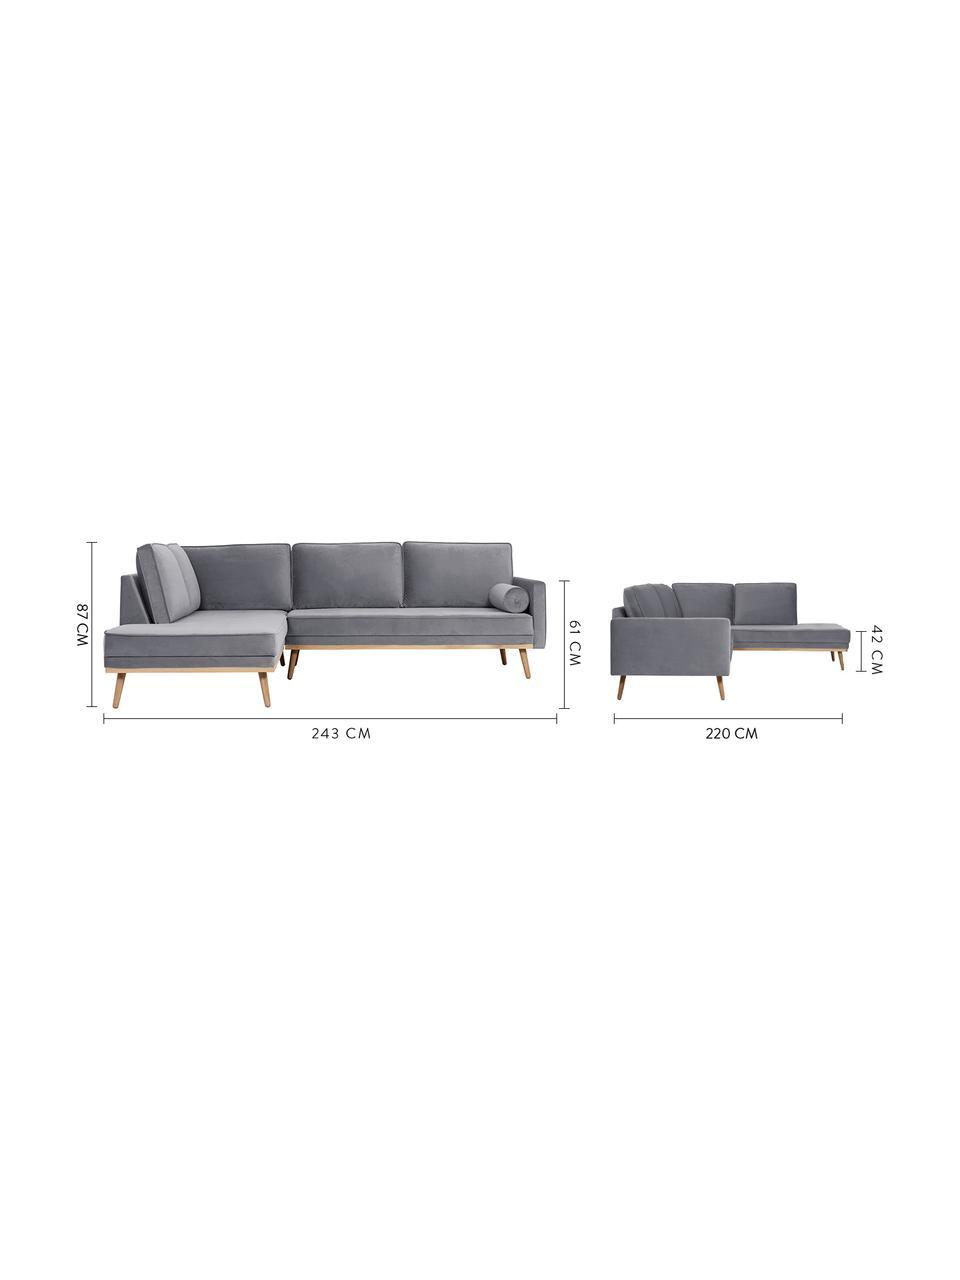 Sofa narożna z aksamitu z nogami z drewna dębowego Saint (3-osobowa), Tapicerka: aksamit (poliester) Dzięk, Aksamitny szary, S 243 x G 220 cm